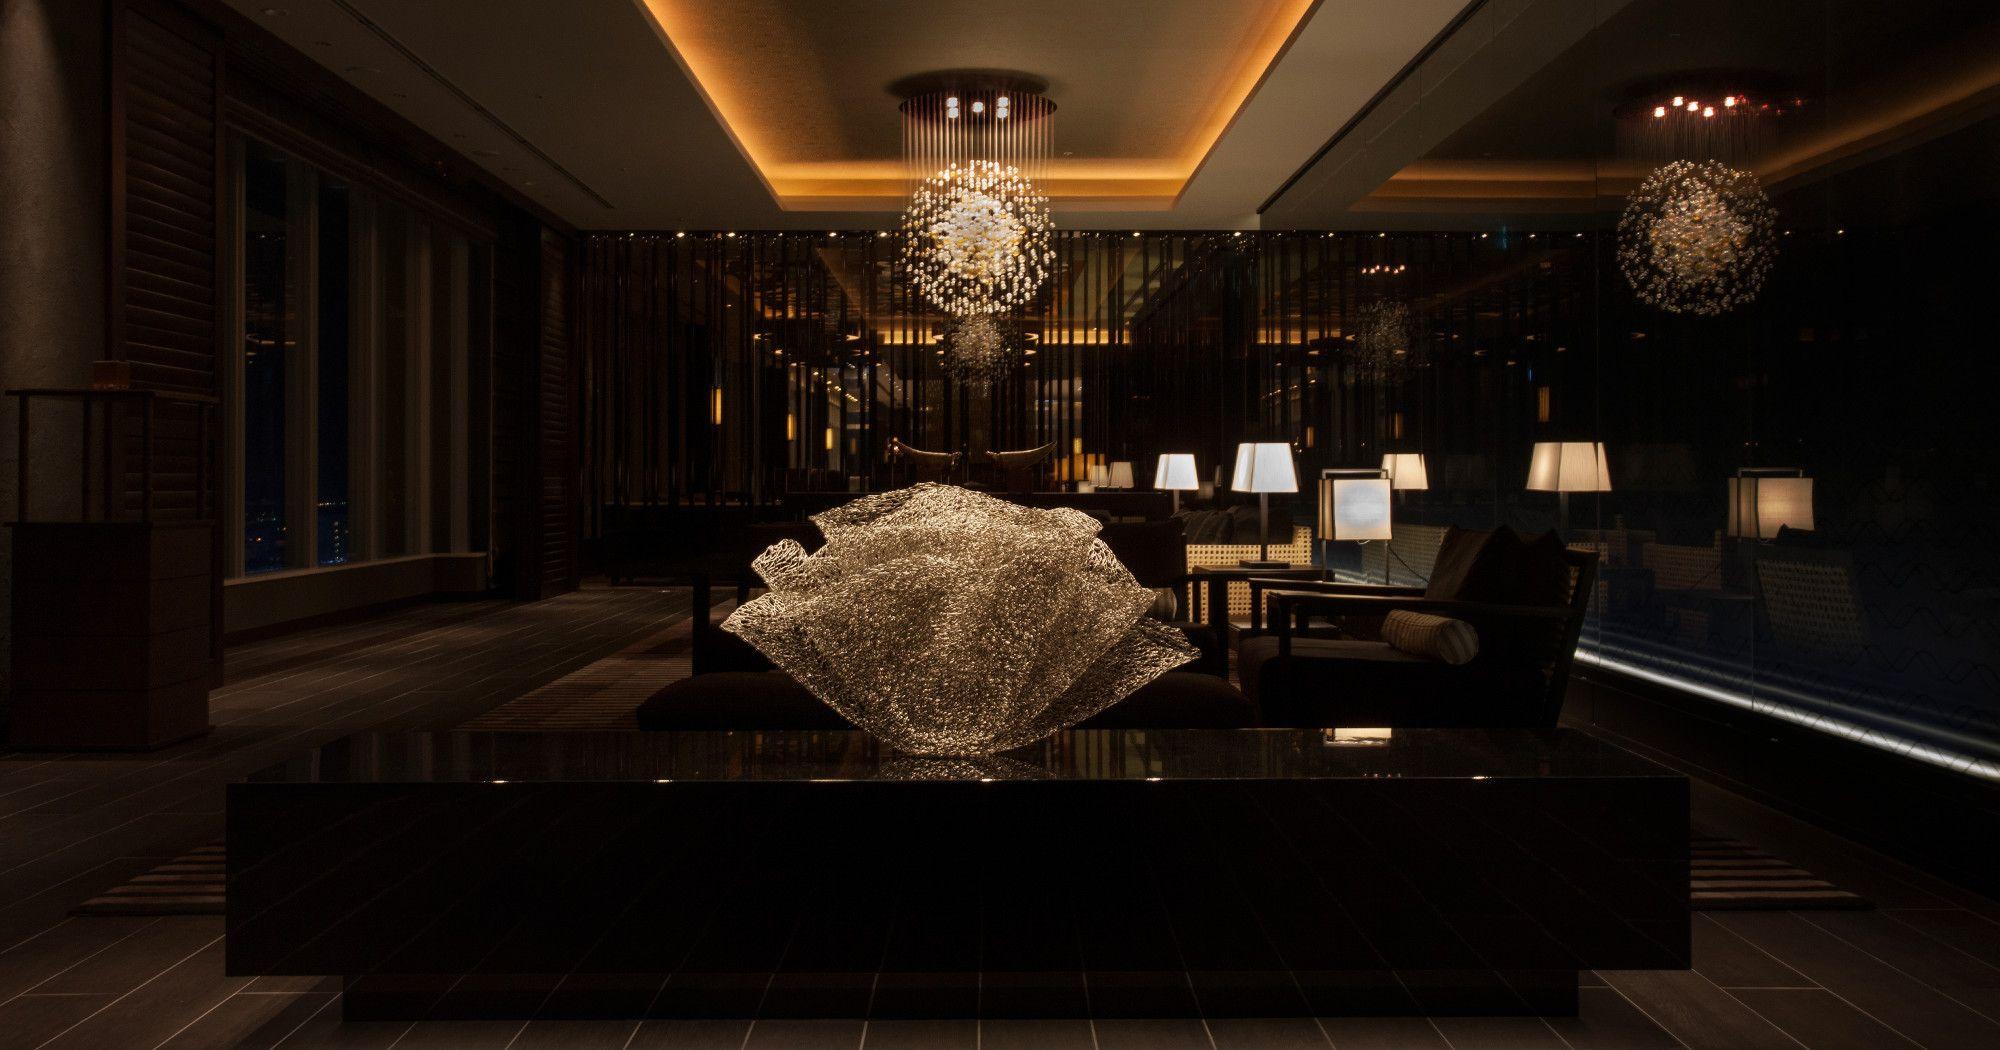 丽嘉皇家酒店GRAN冲绳